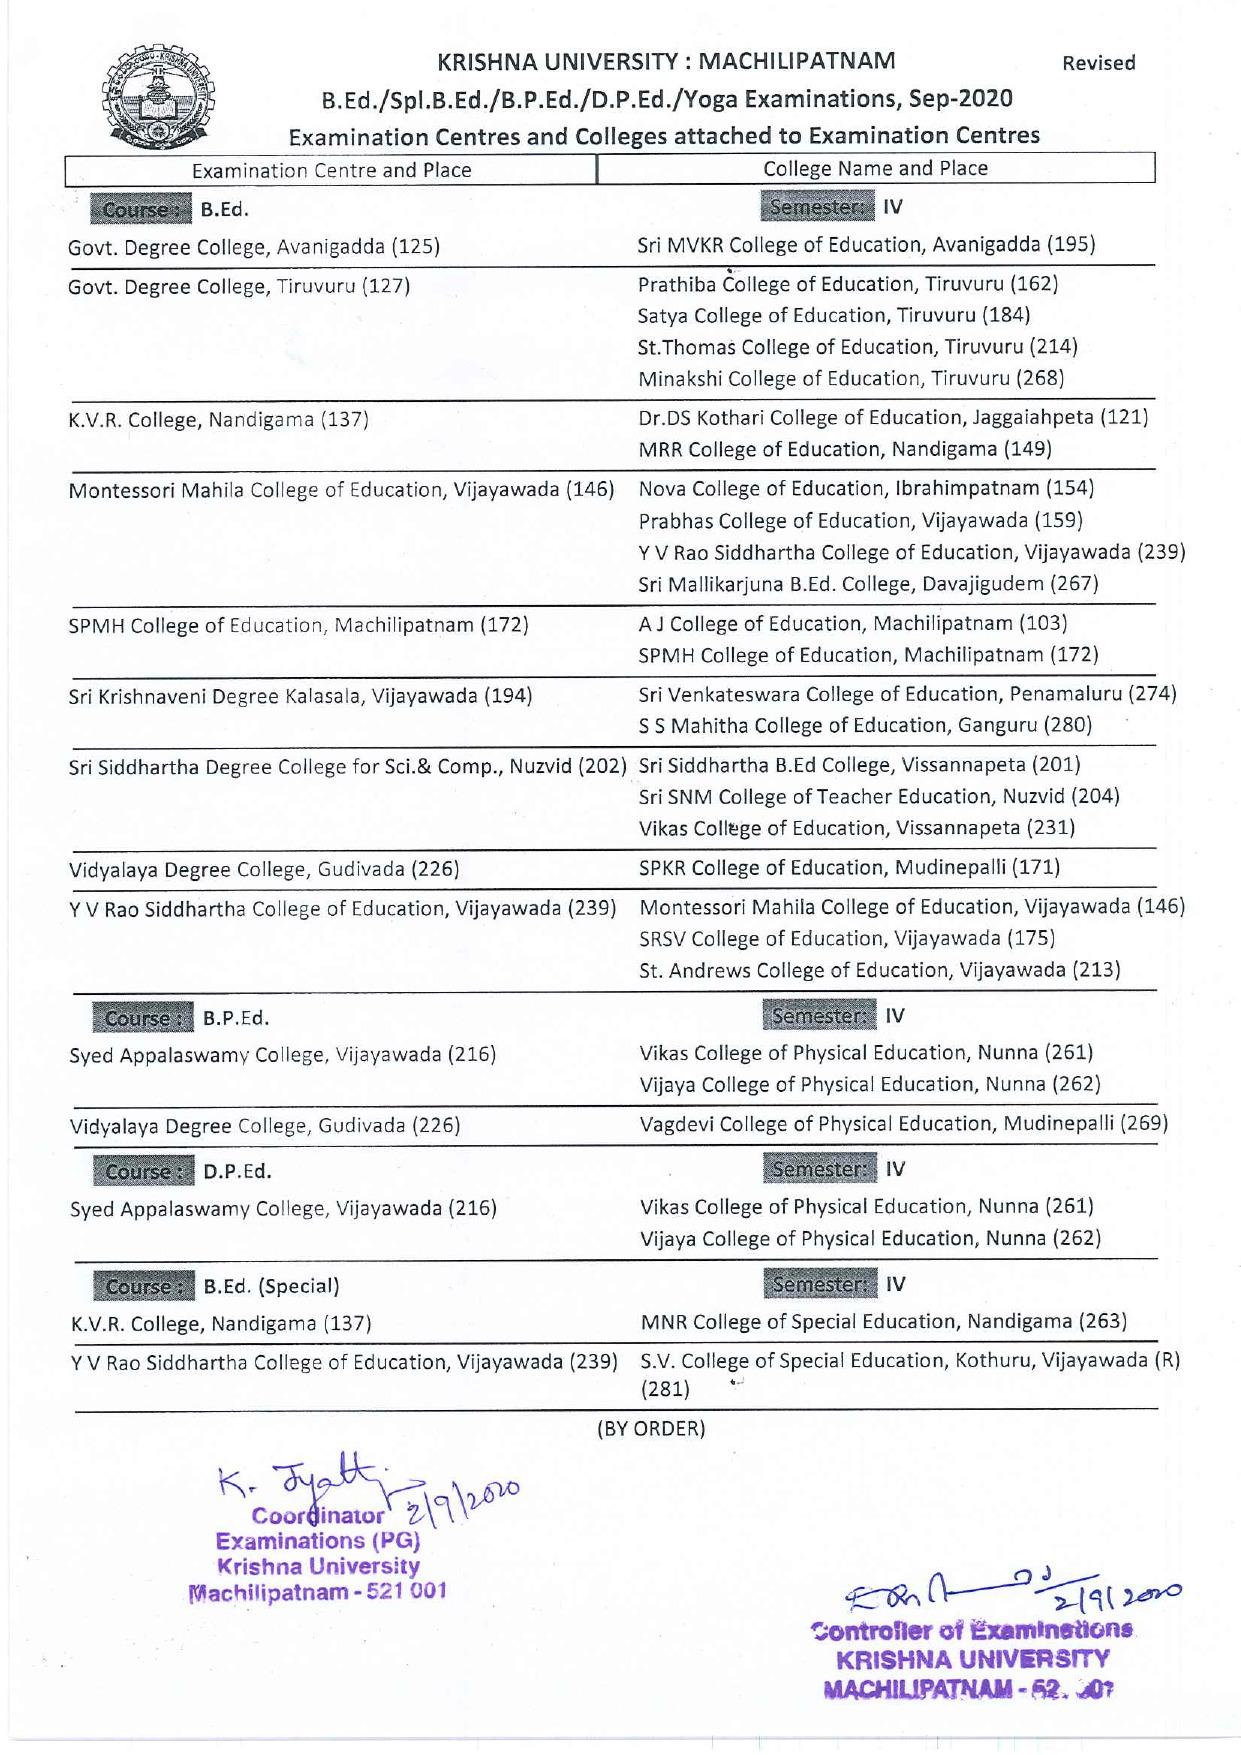 Krishna University B.Ed/Spl B.Ed/B.P.Ed/D.P.Ed/Yoga Sep 2020 Exam Centres